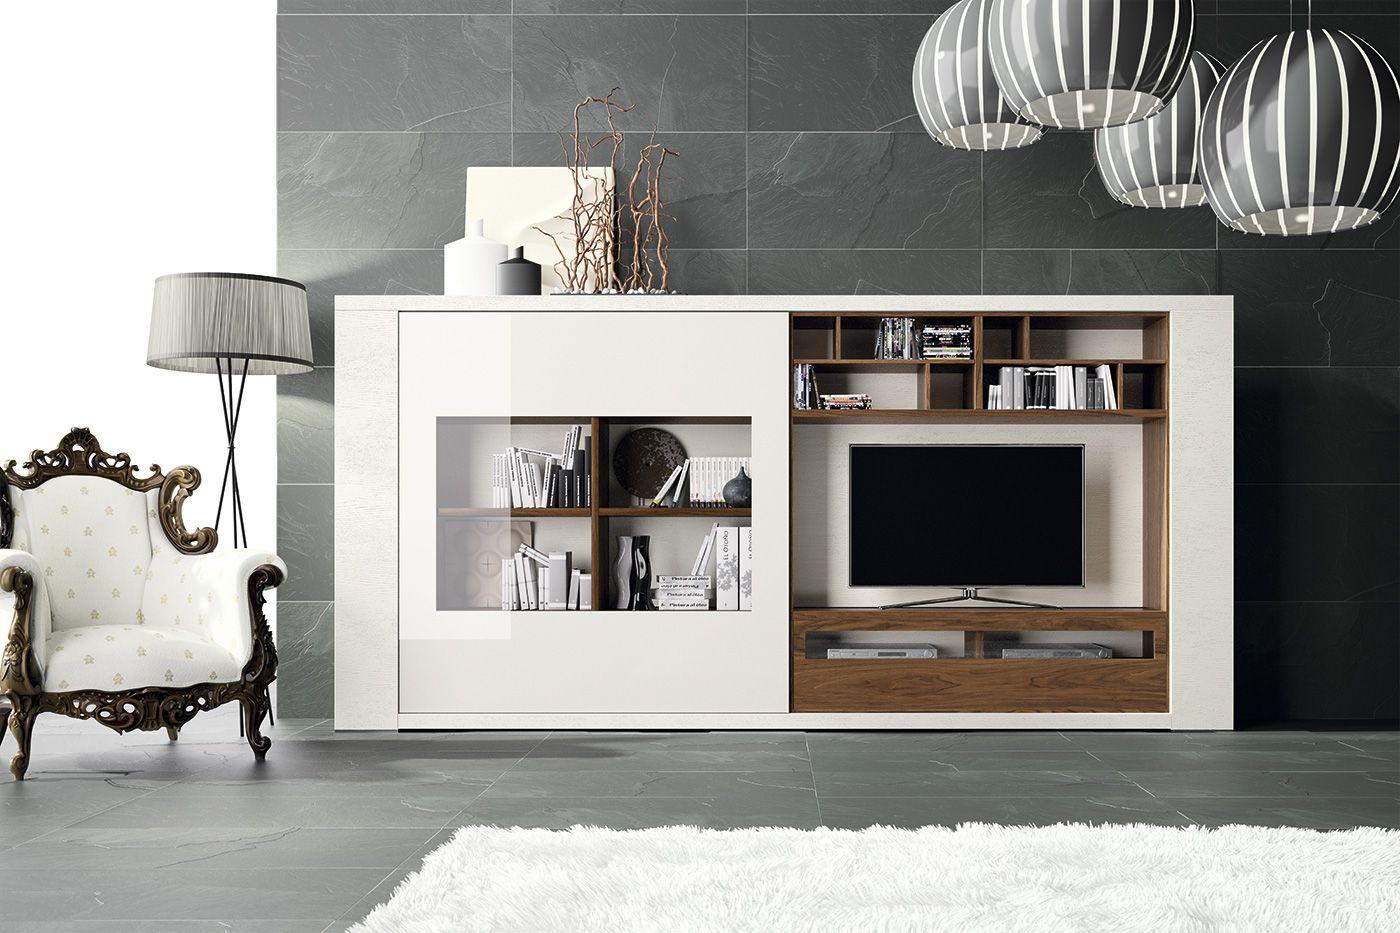 Mueble de tv compacto Exclusive Mueble compacto con hueco t.v. con ...